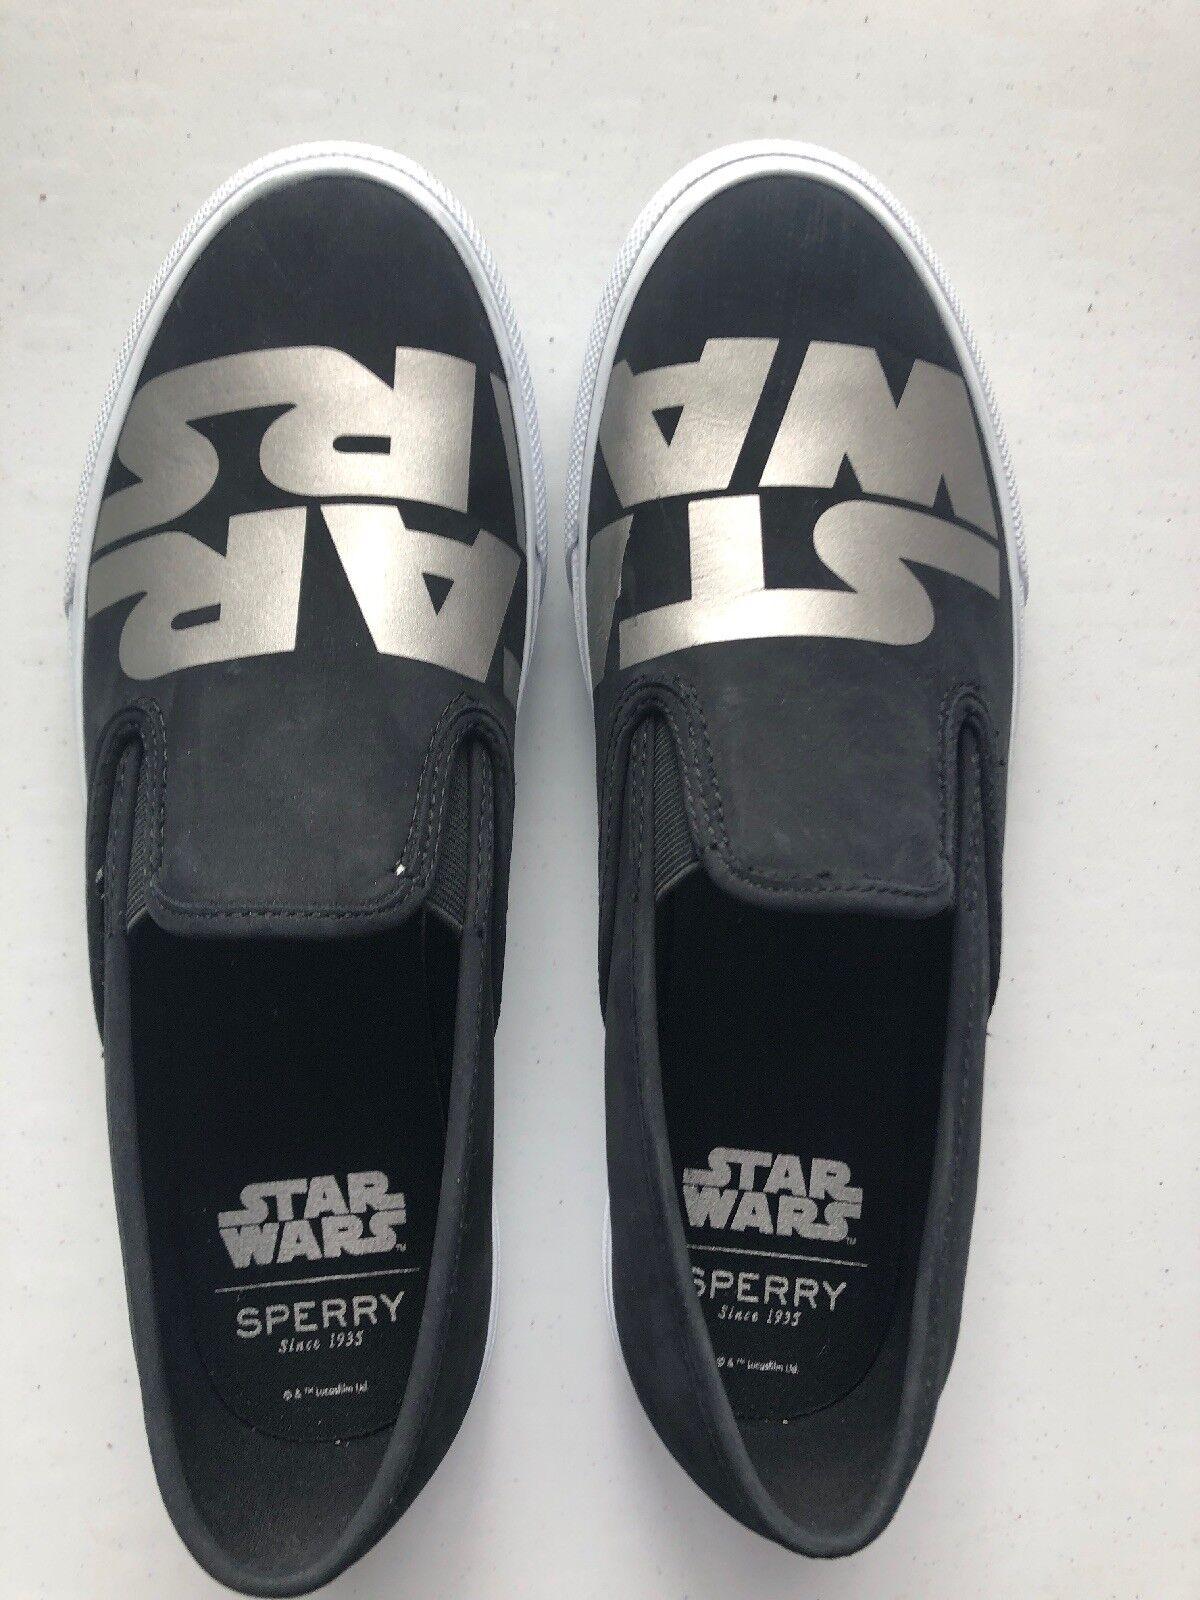 Darth Vader Black & Silver Star Wars Sperry slip on shoes 9.5 m Medium